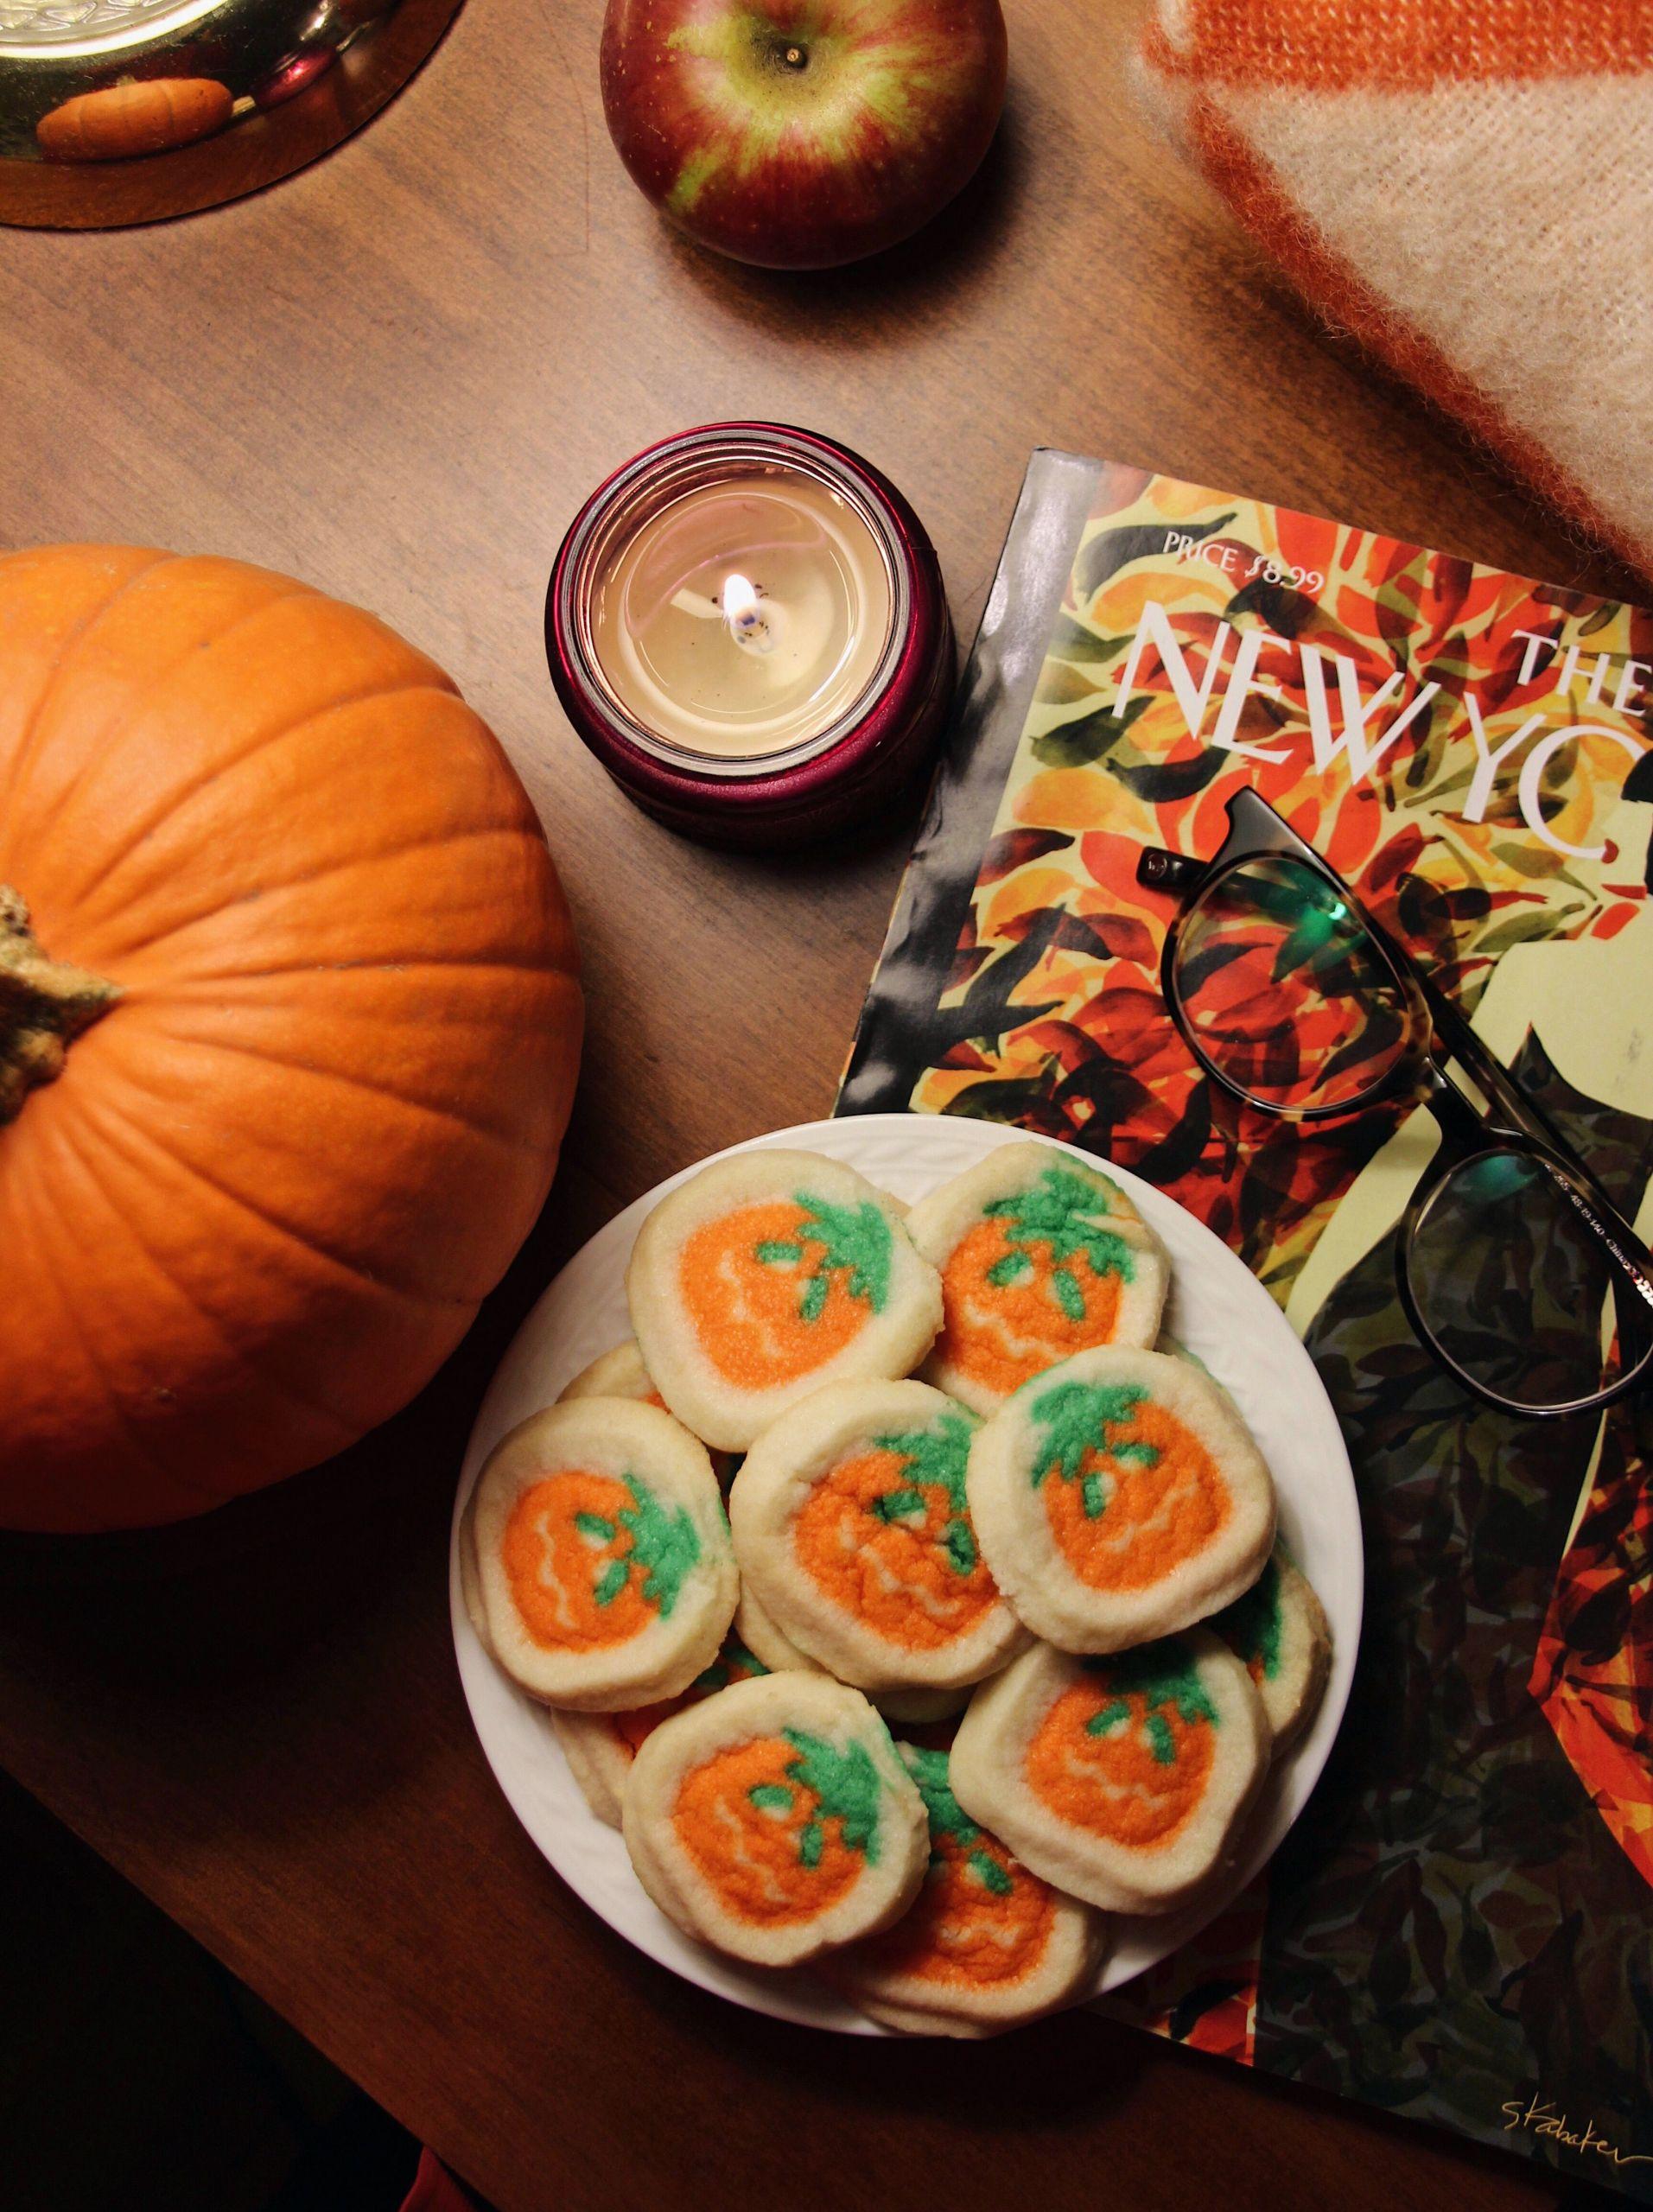 Pillsbury Halloween Sugar Cookies  fall halloween pumpkin cookies Pillsbury Shape Pumpkin